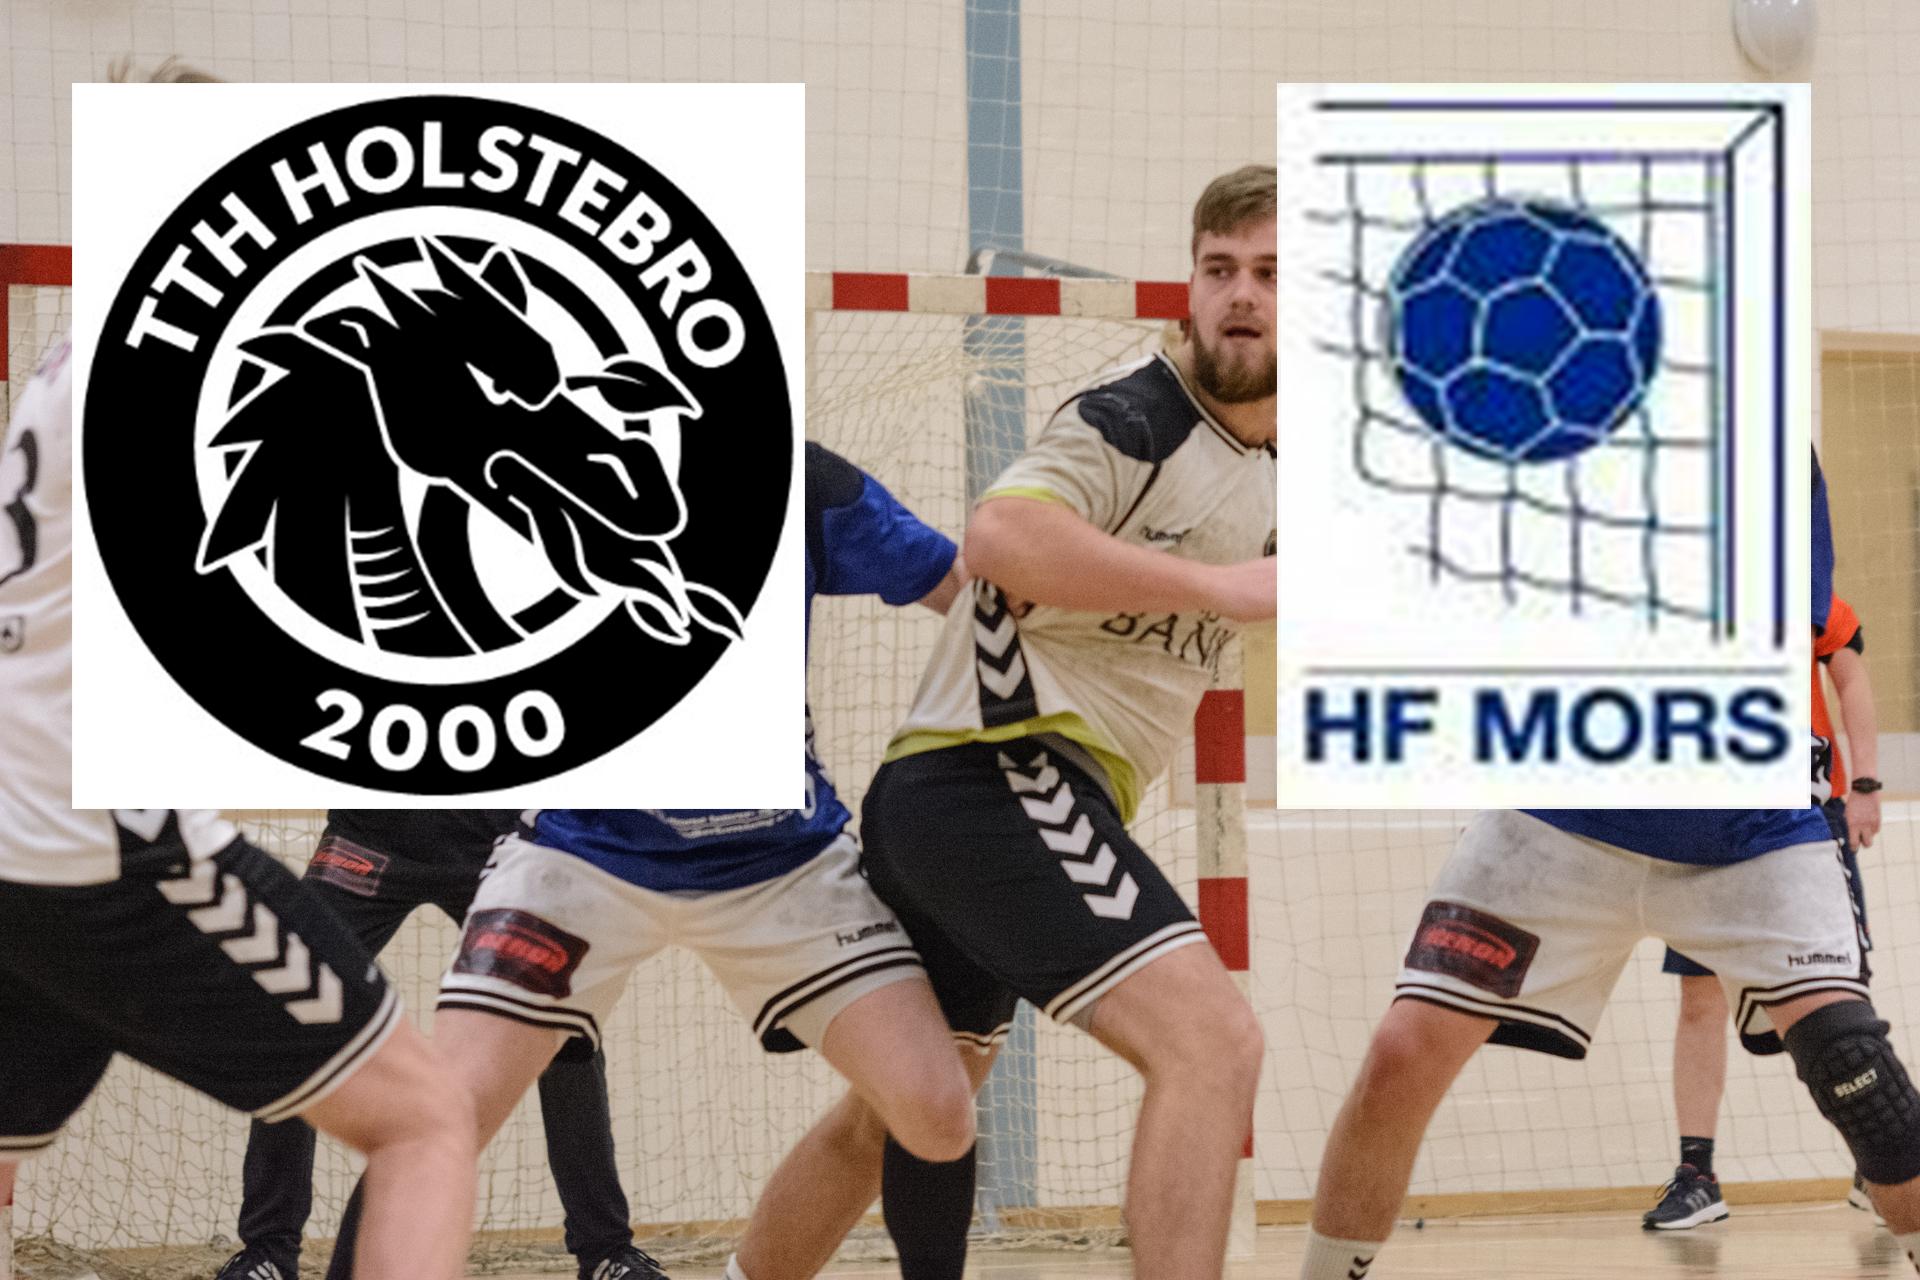 TTH Holstebro vs HF Mors U18 Liga